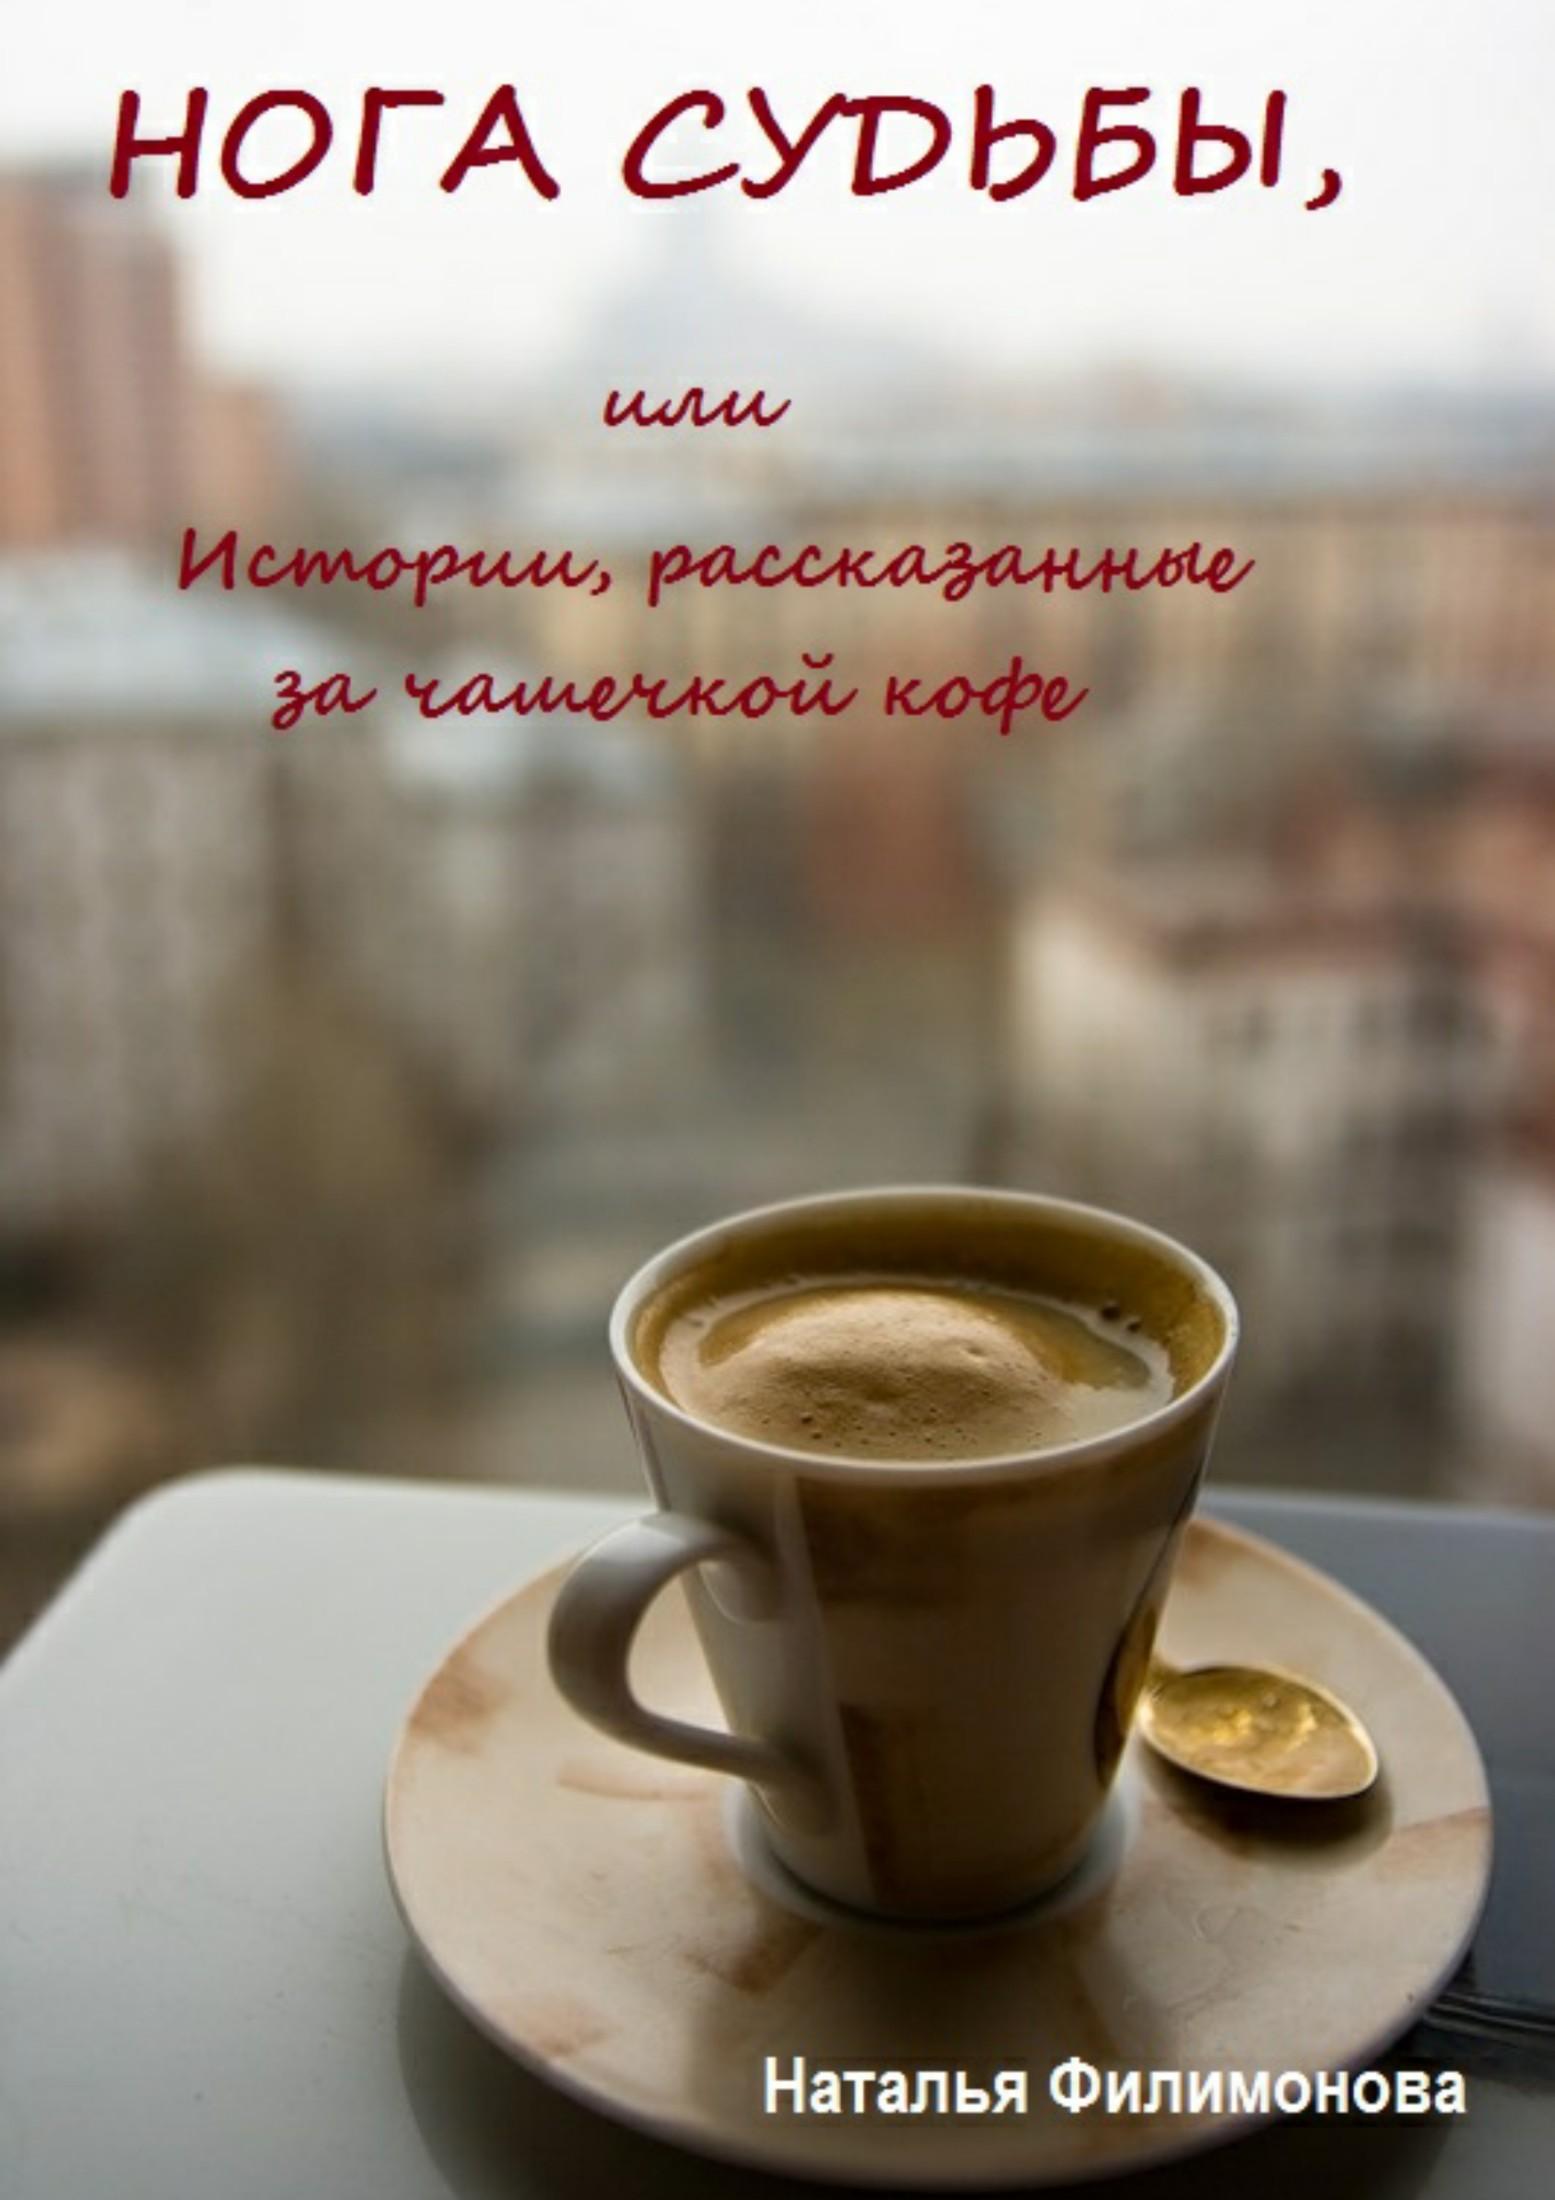 Наталья Сергеевна Филимонова. Нога судьбы, или Истории, рассказанные за чашечкой кофе